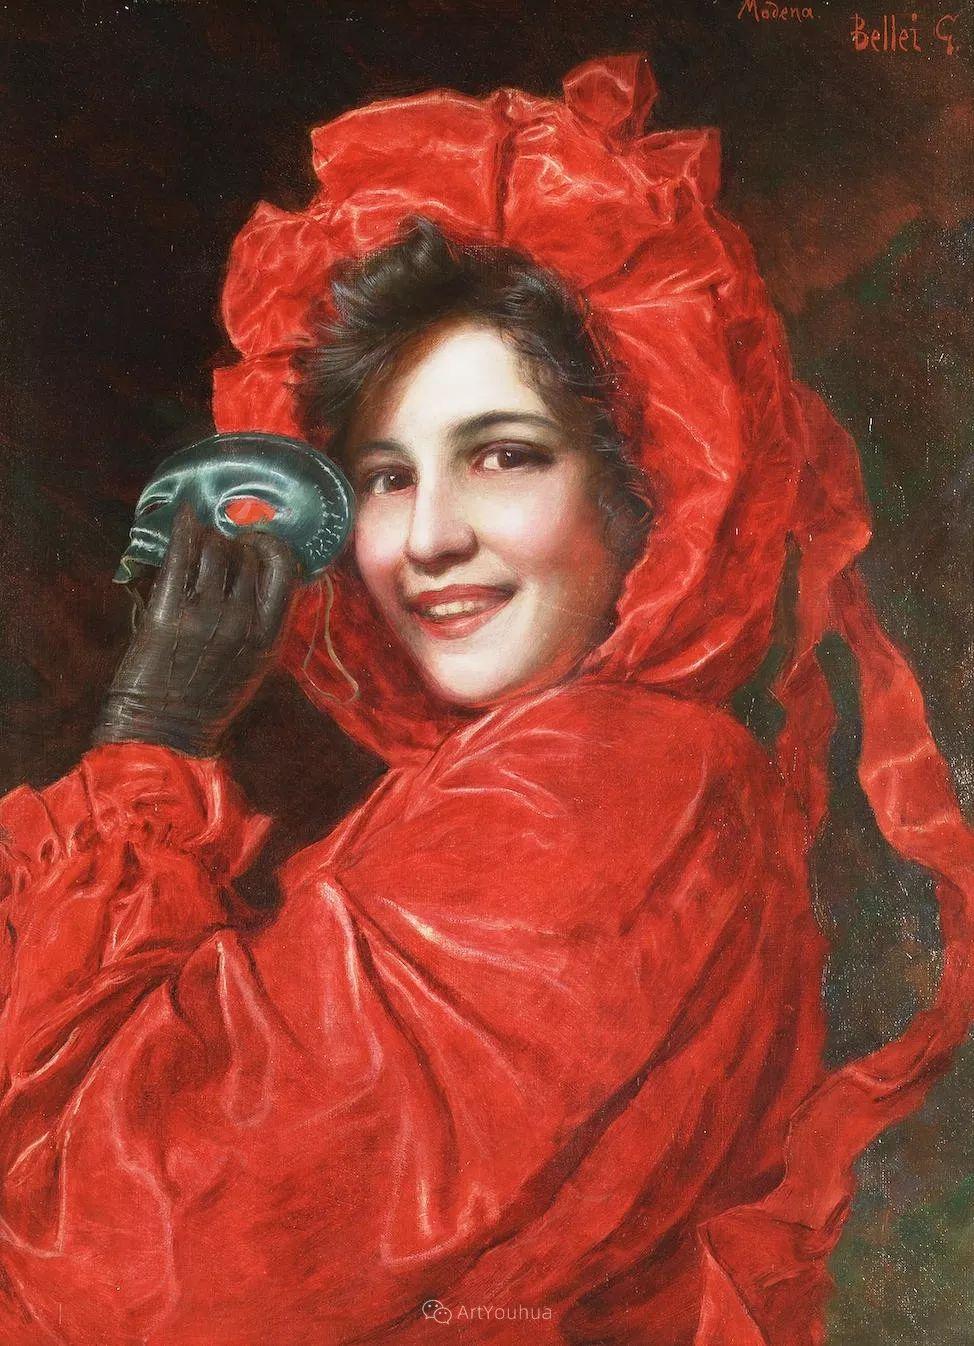 惟妙惟肖的肖像,意大利画家Gaetano Bellei插图8